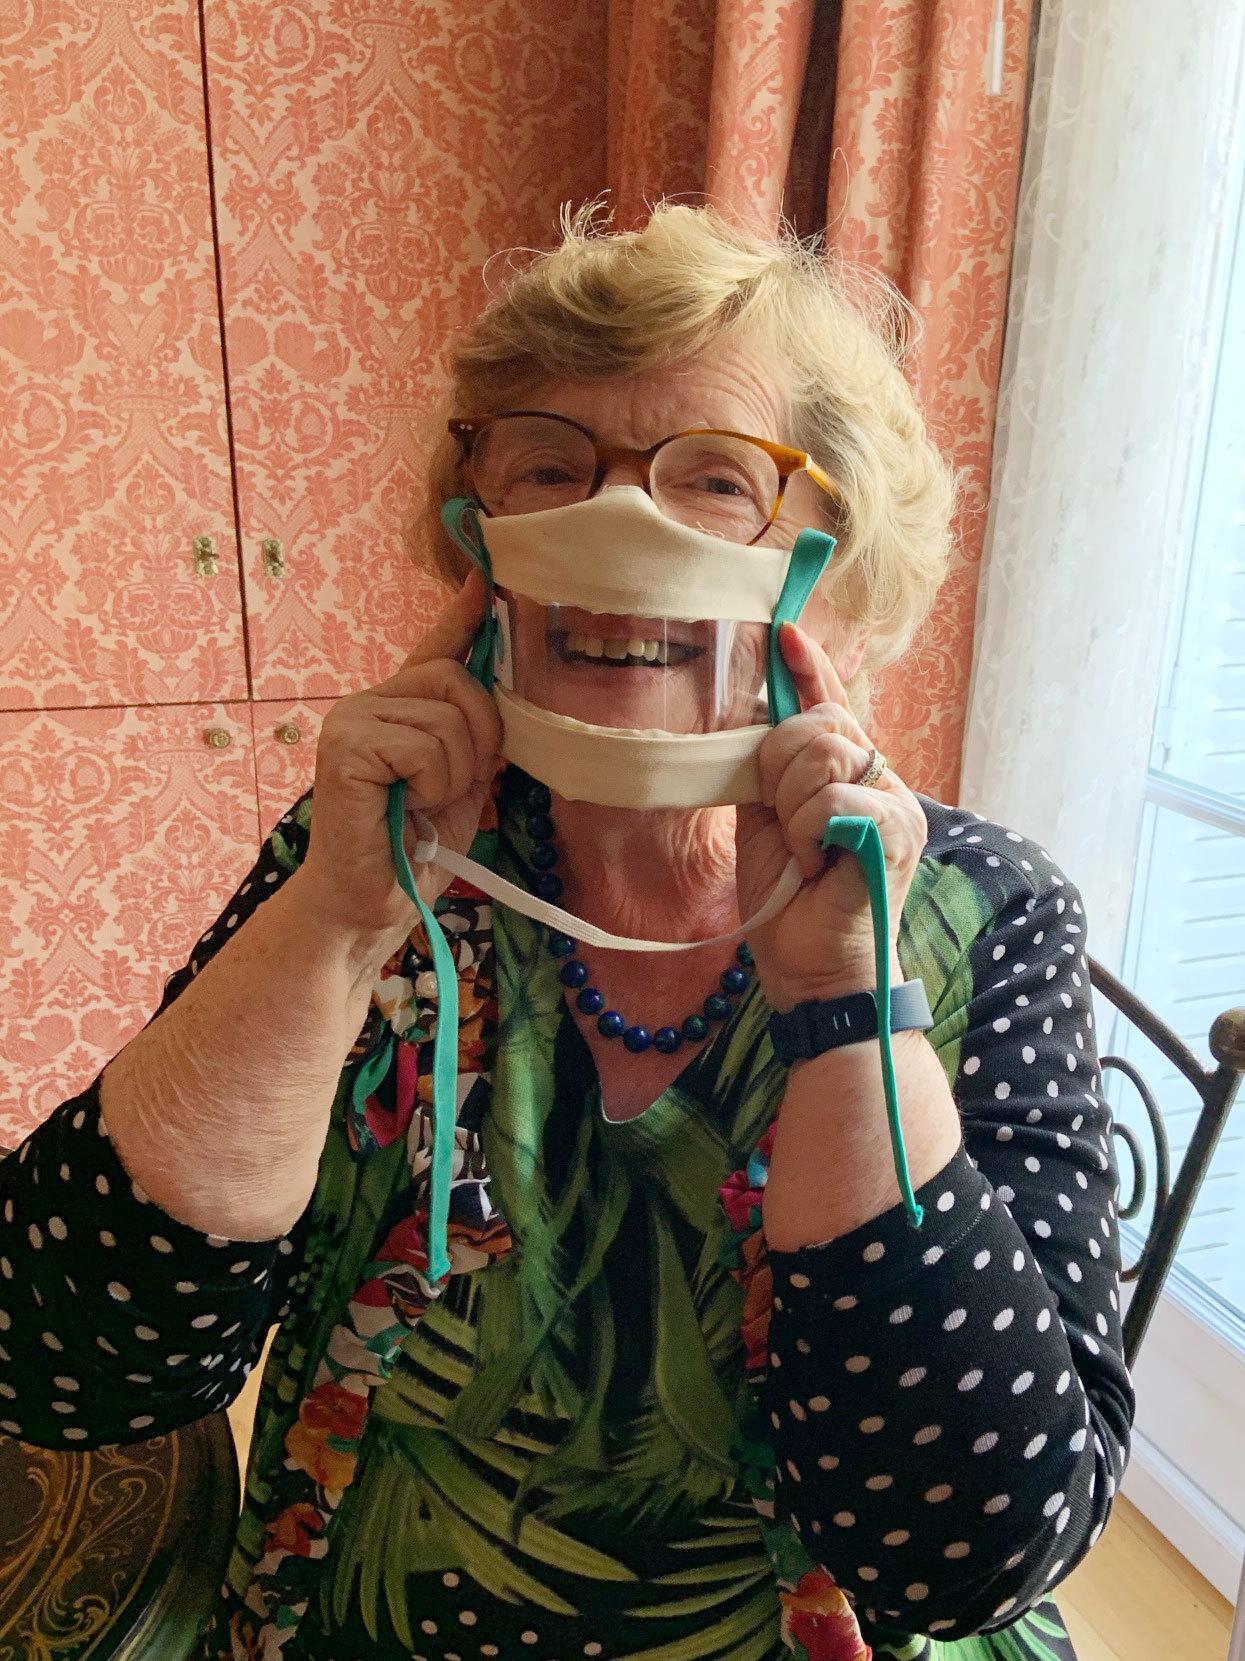 A França incentiva o uso de máscaras transparentes para ajudar pessoas com perda auditiva: NPR 5